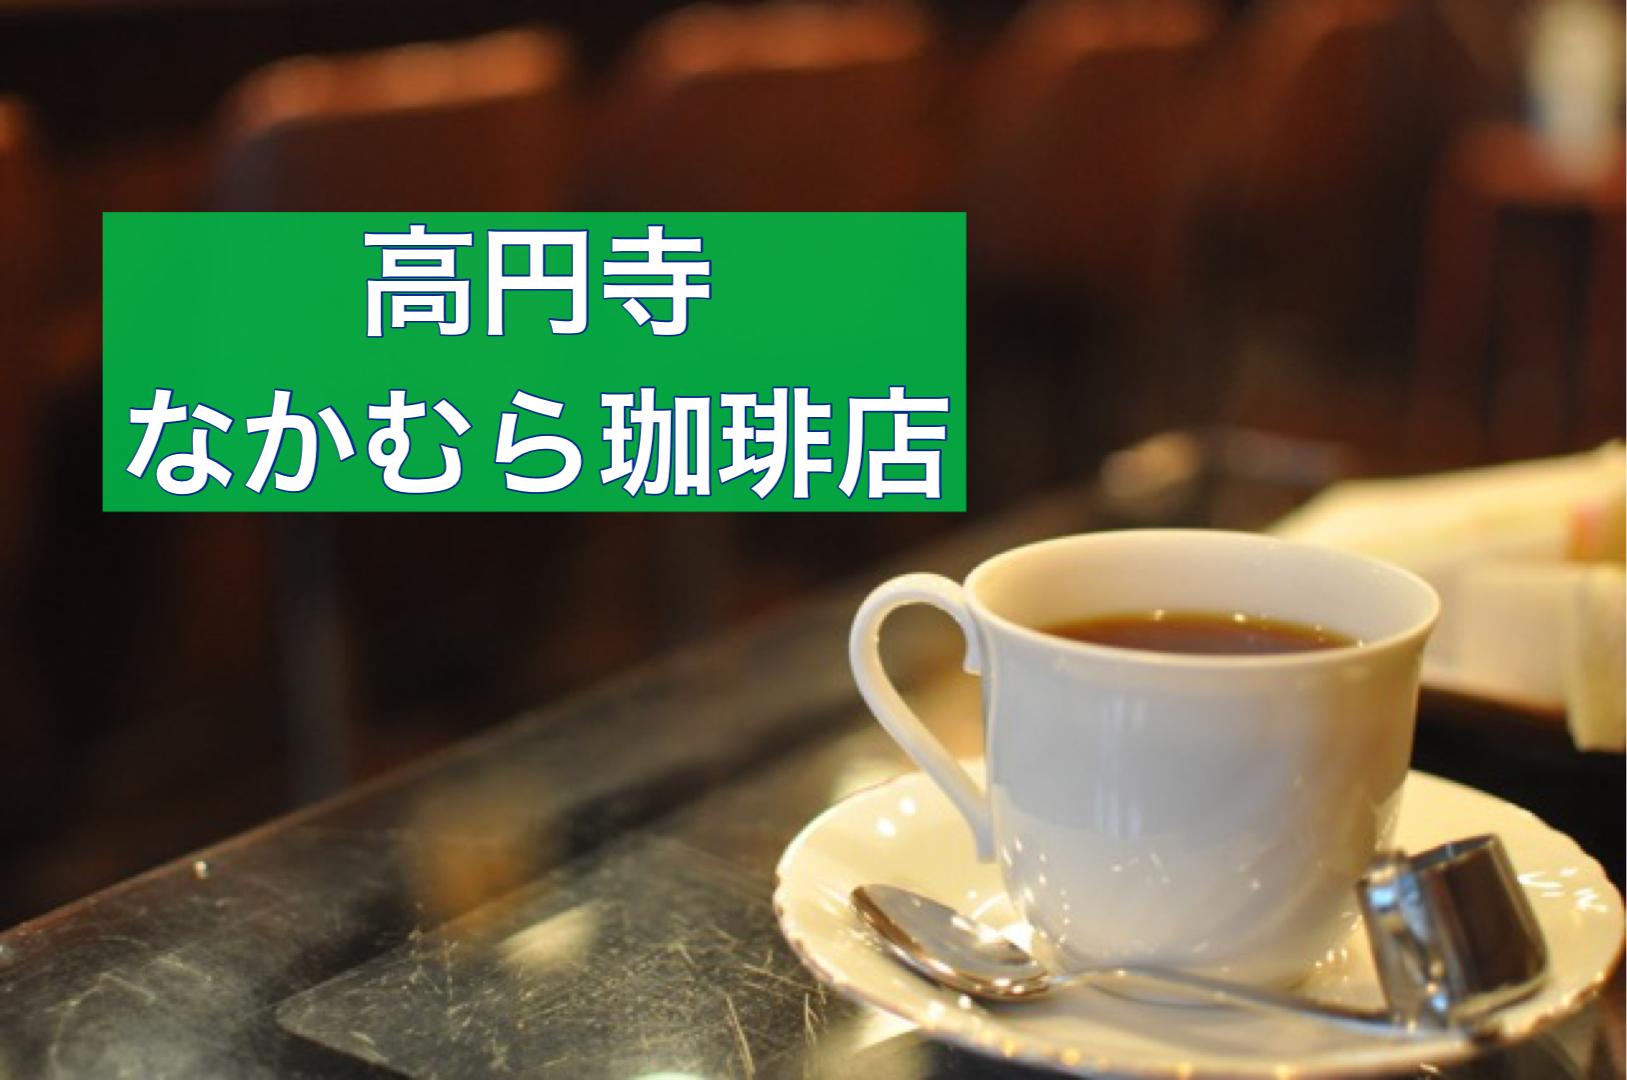 高円寺 なかむら珈琲店